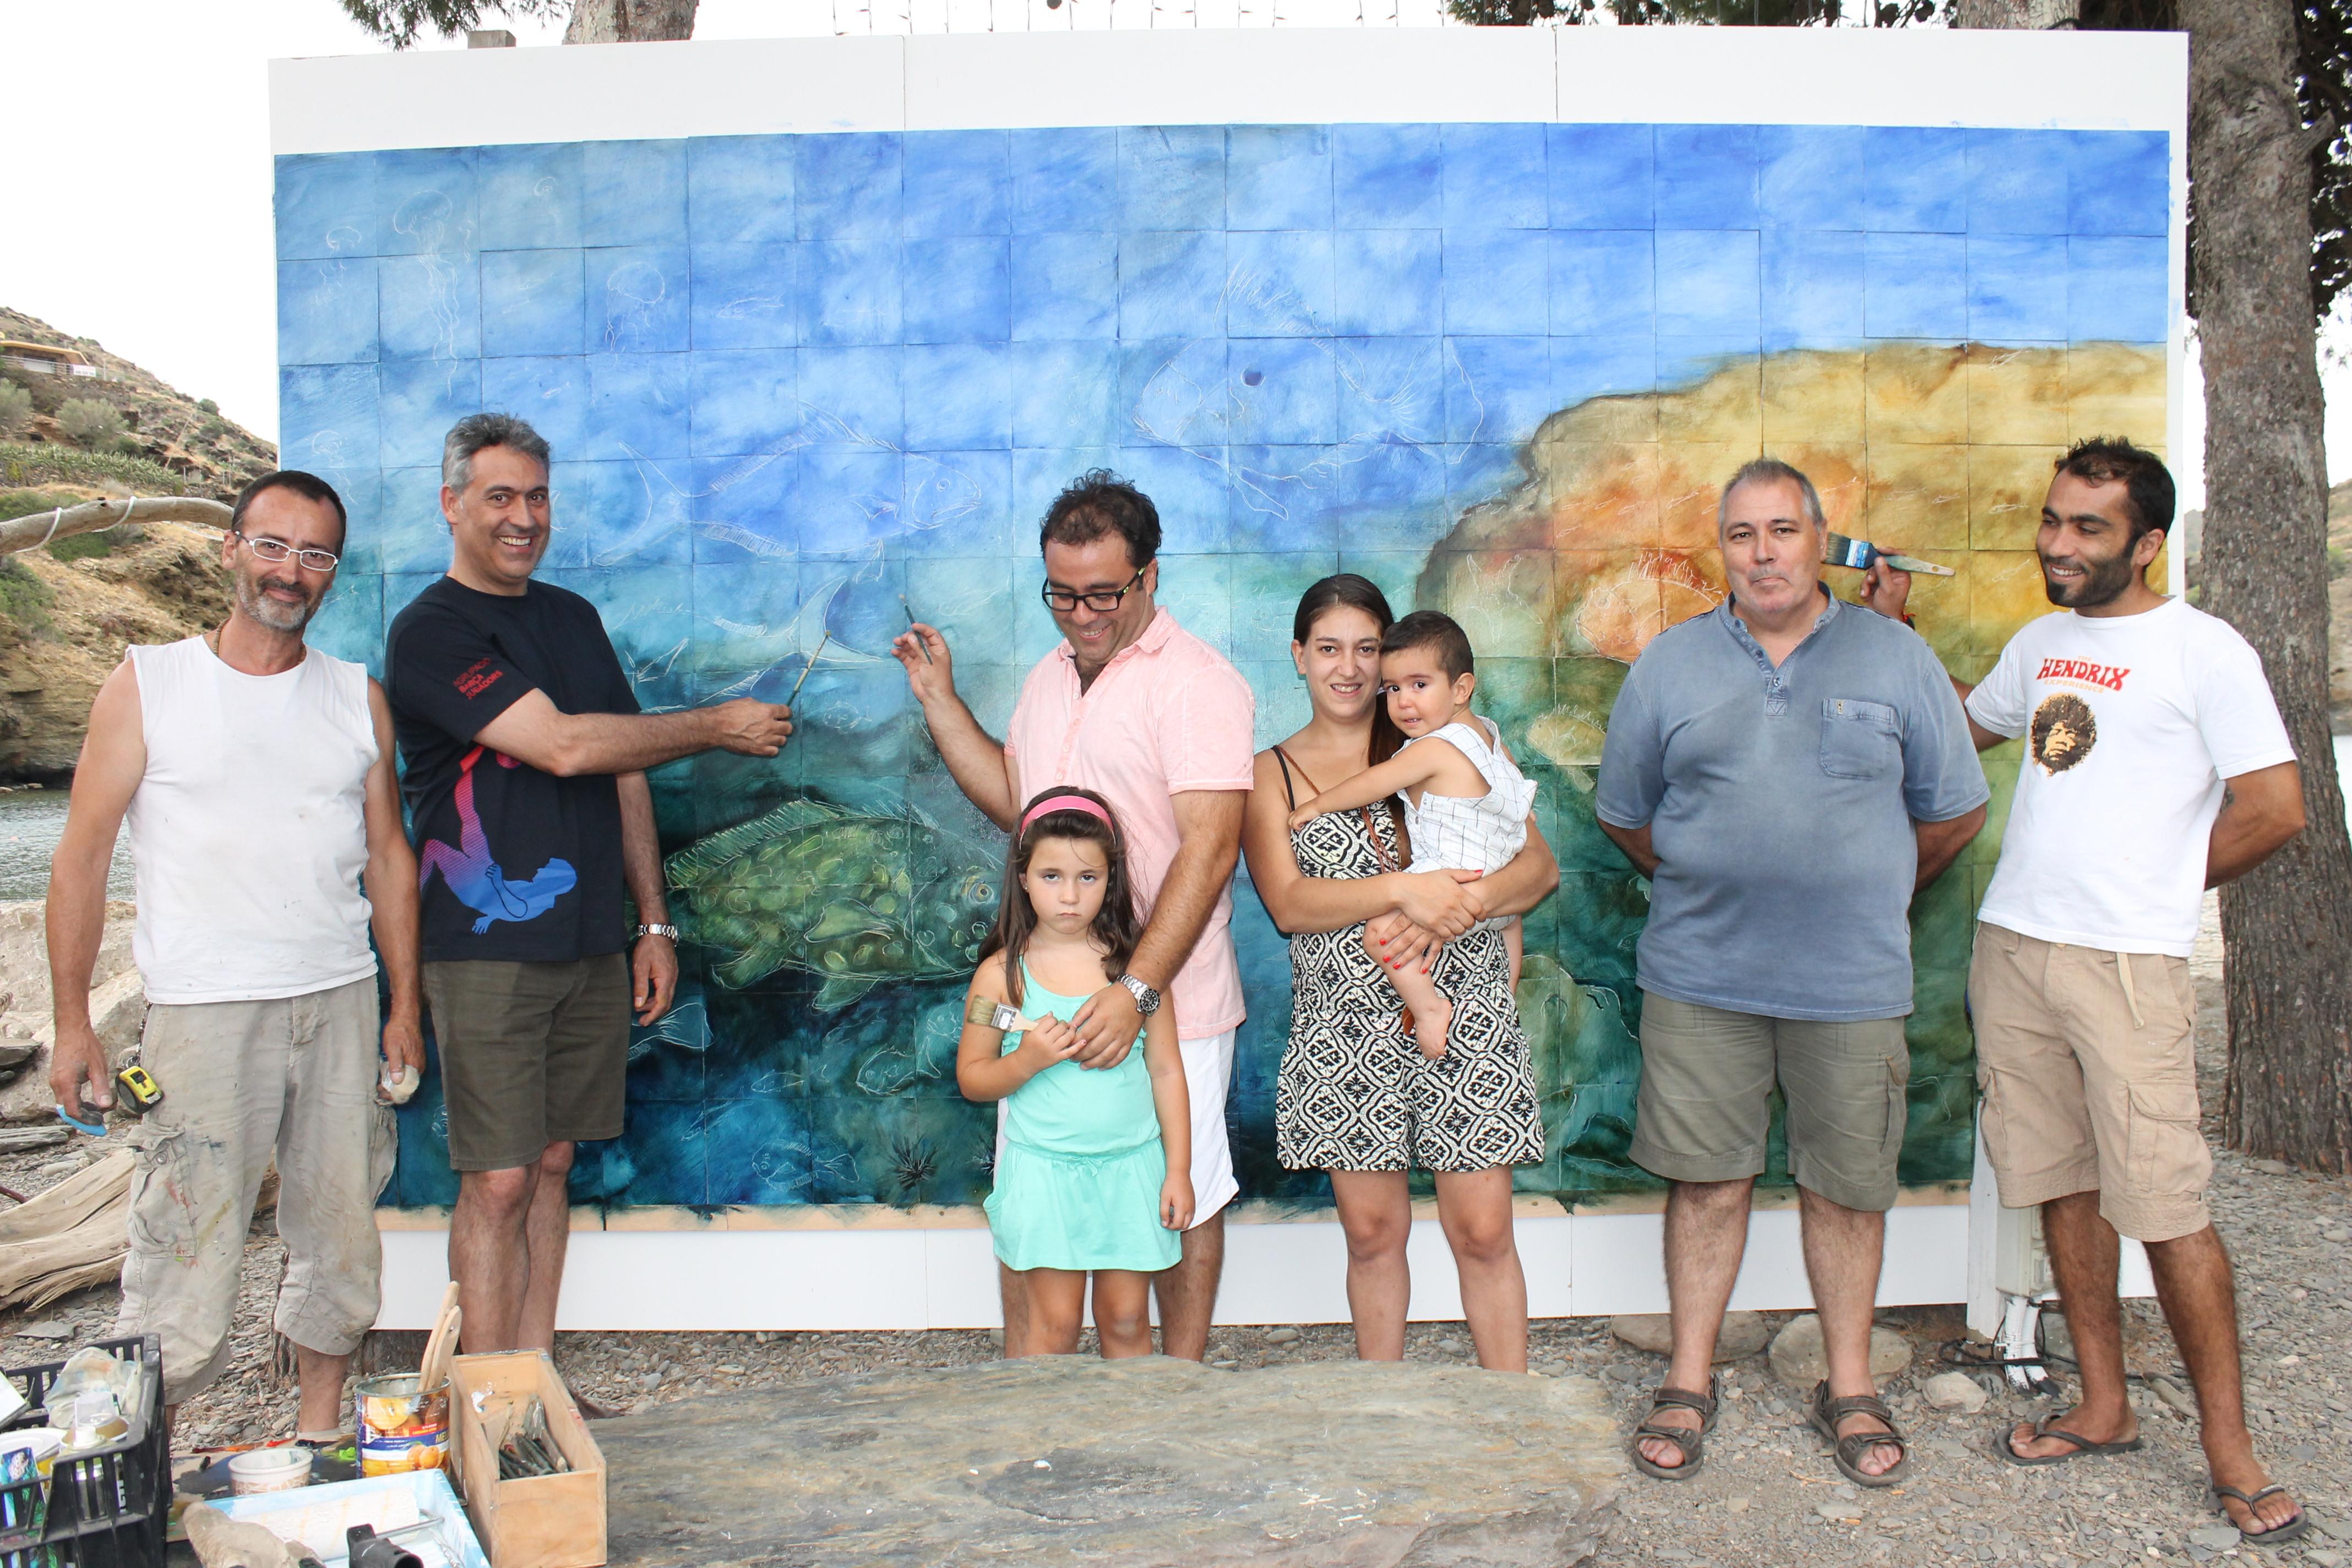 L'Hotel Cala Jóncols acull una jornada solidària a favor de l'alimentació infantil